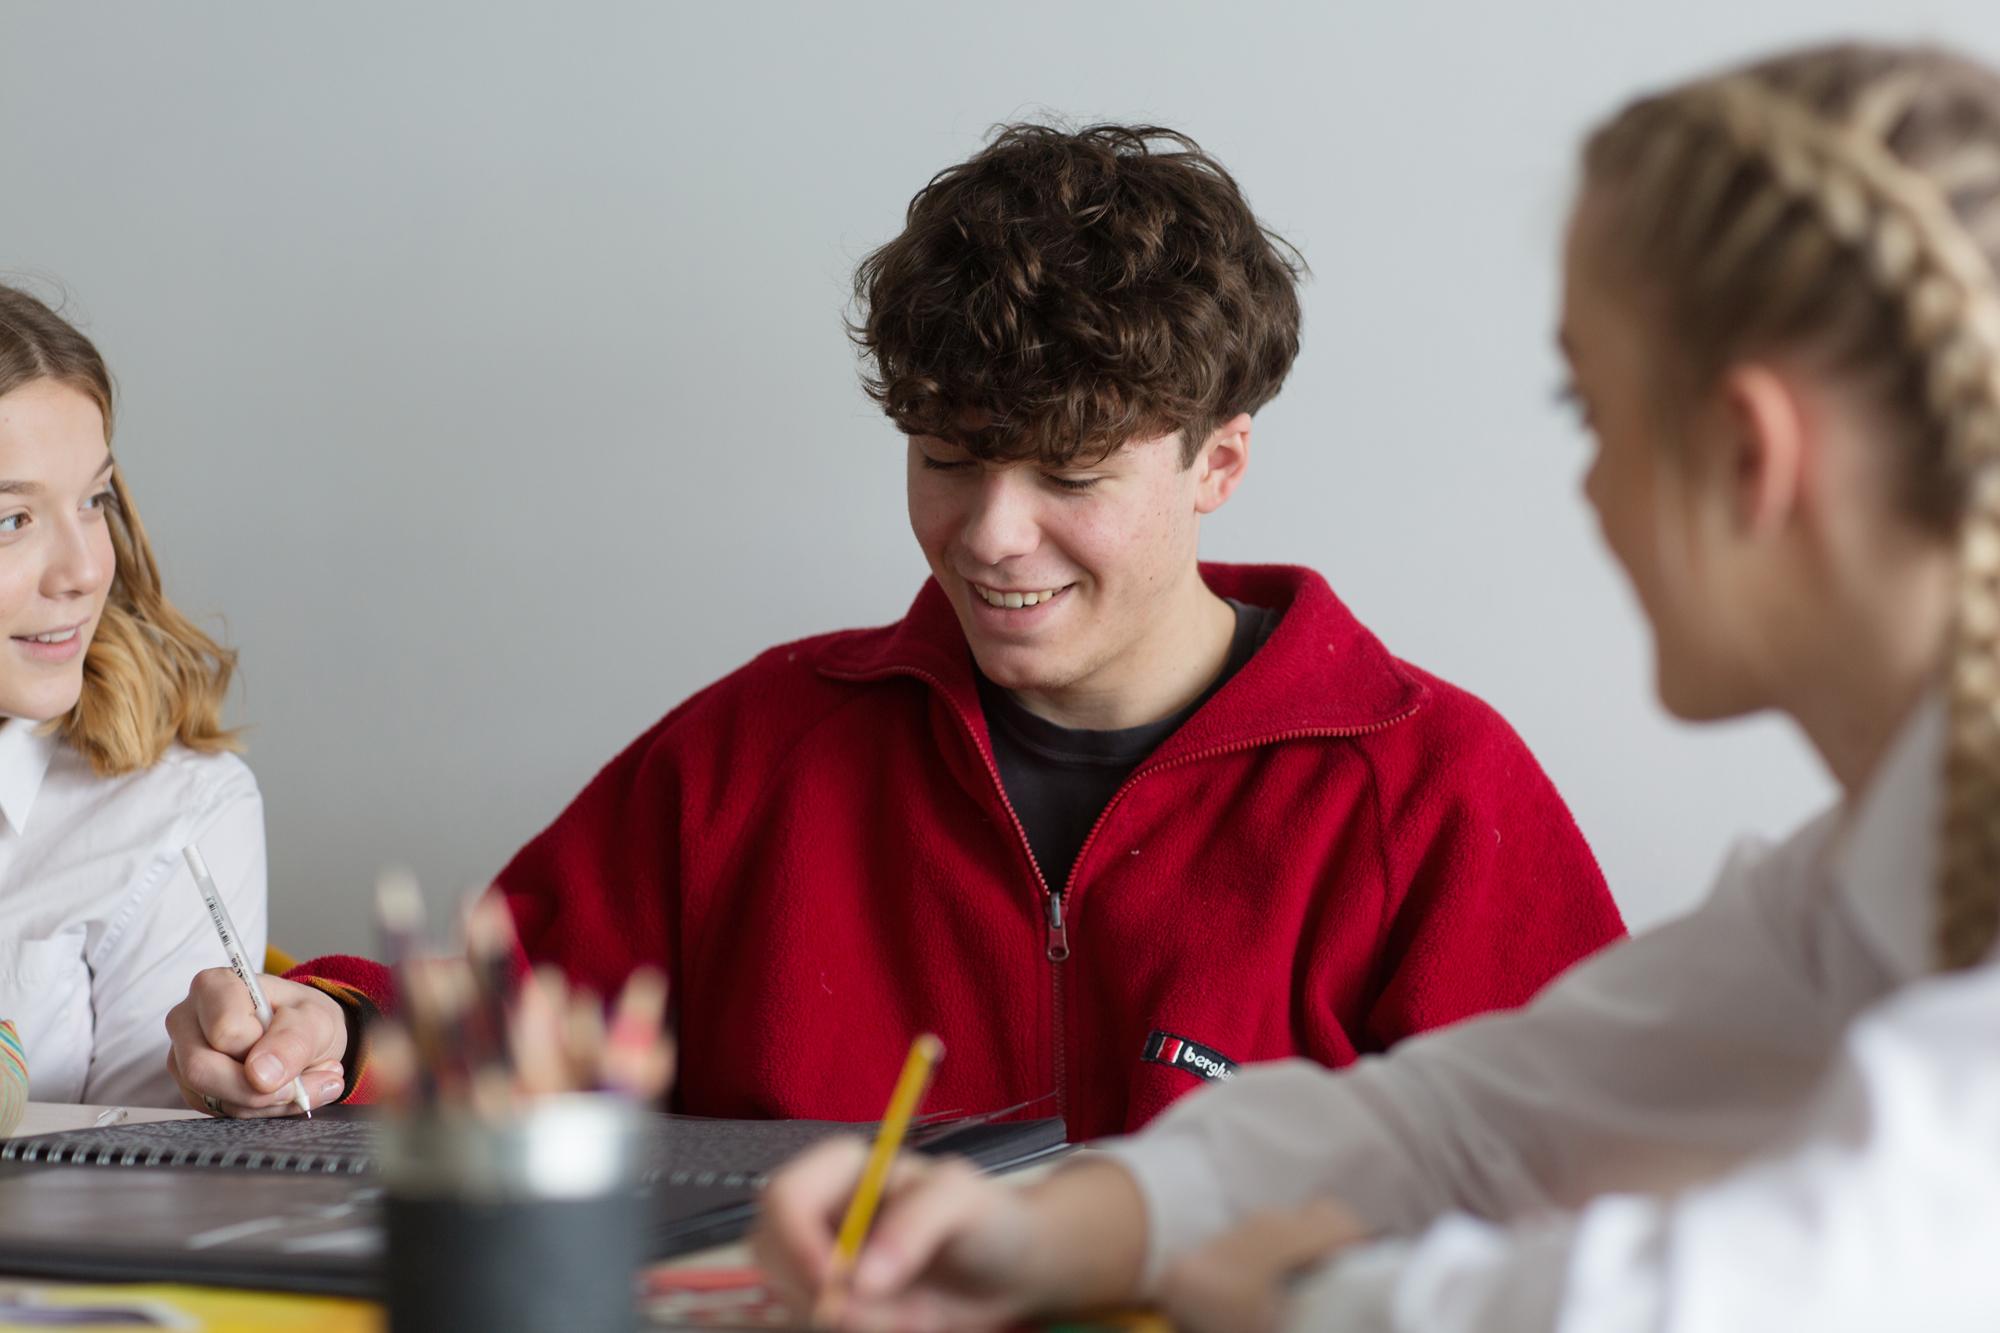 Teenager art workshop lesson